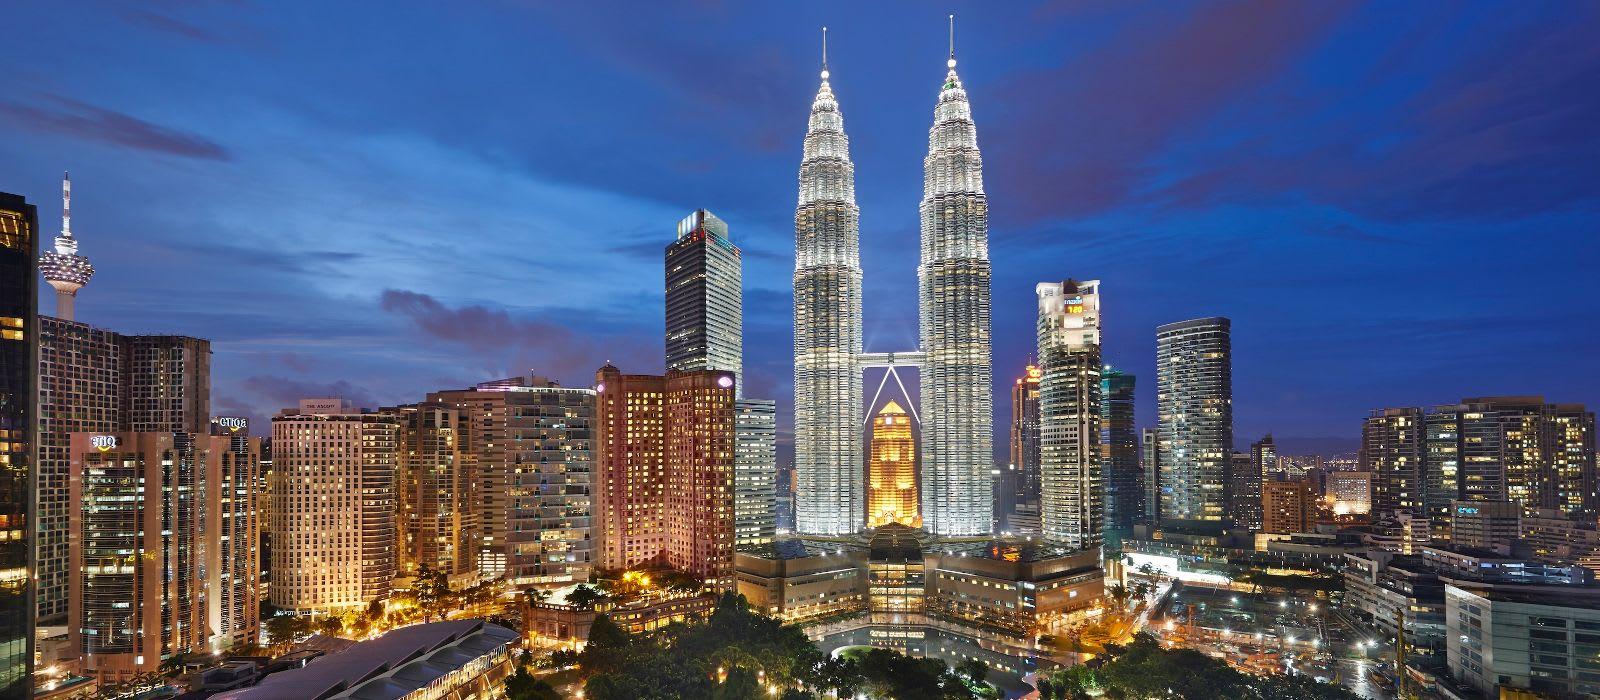 馬來西亞,圖片取自prediksitogel00.com。